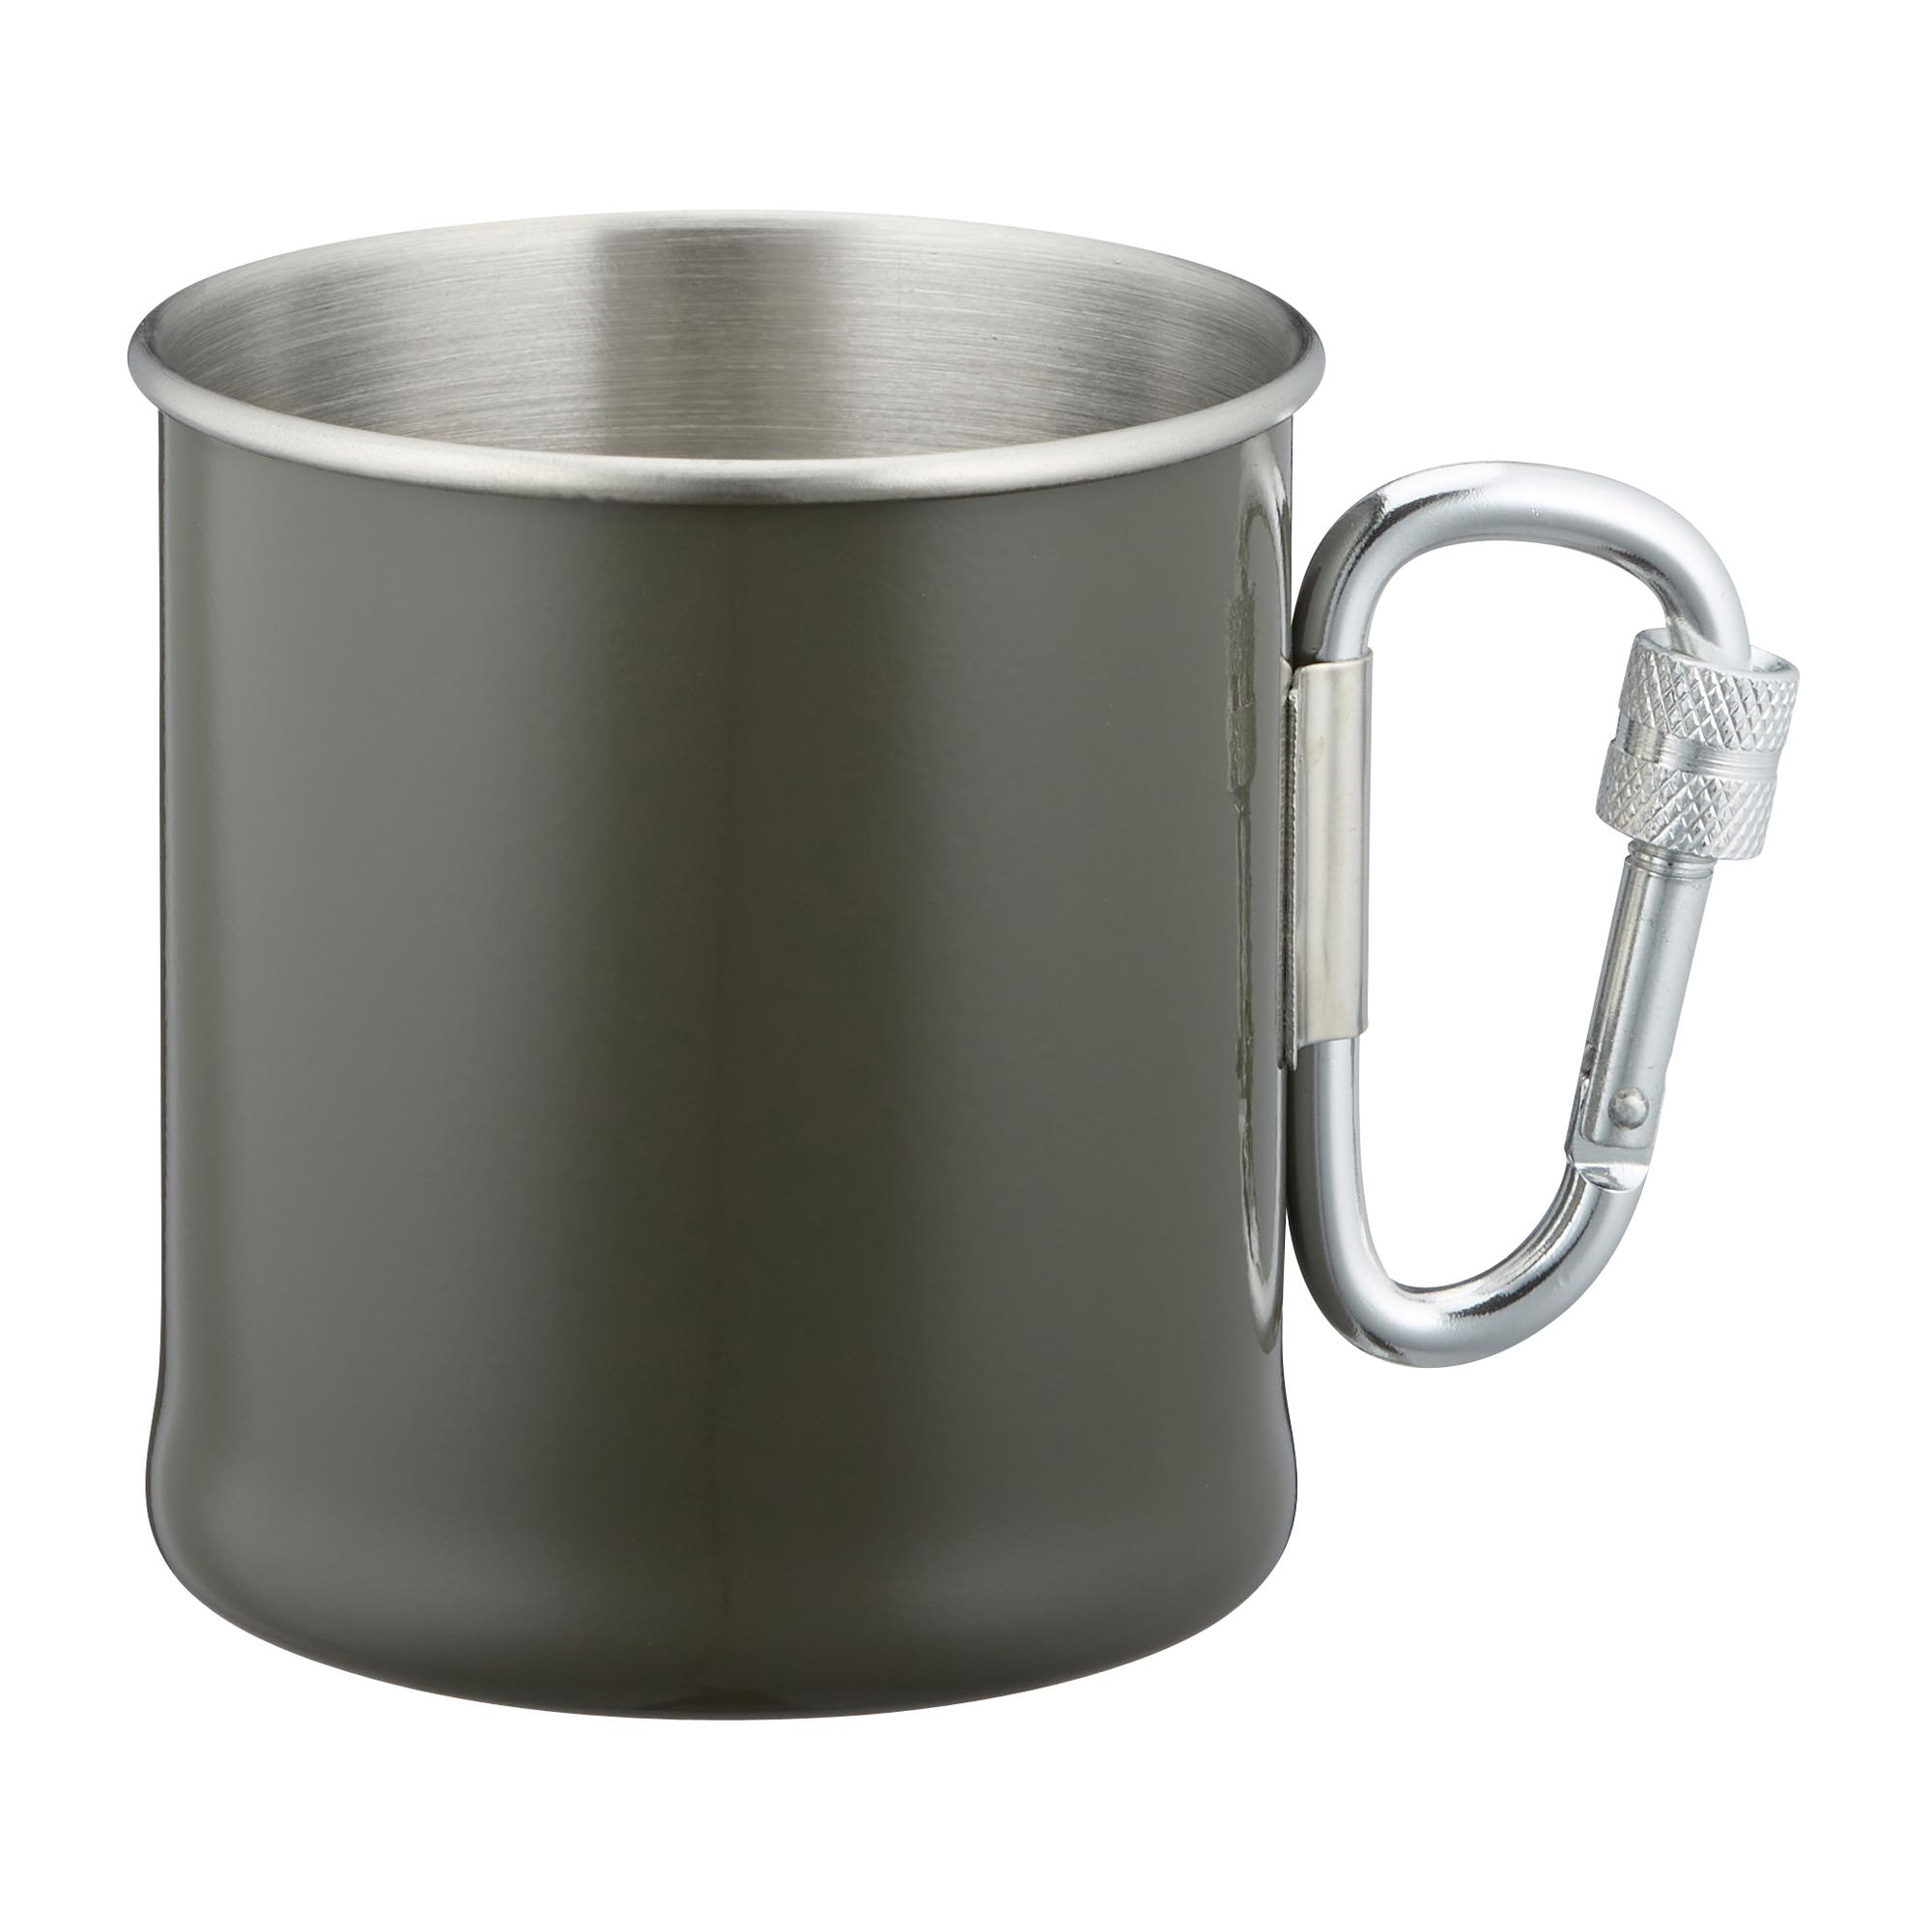 Karabinerbecher Edelstahl 250 ml oliv